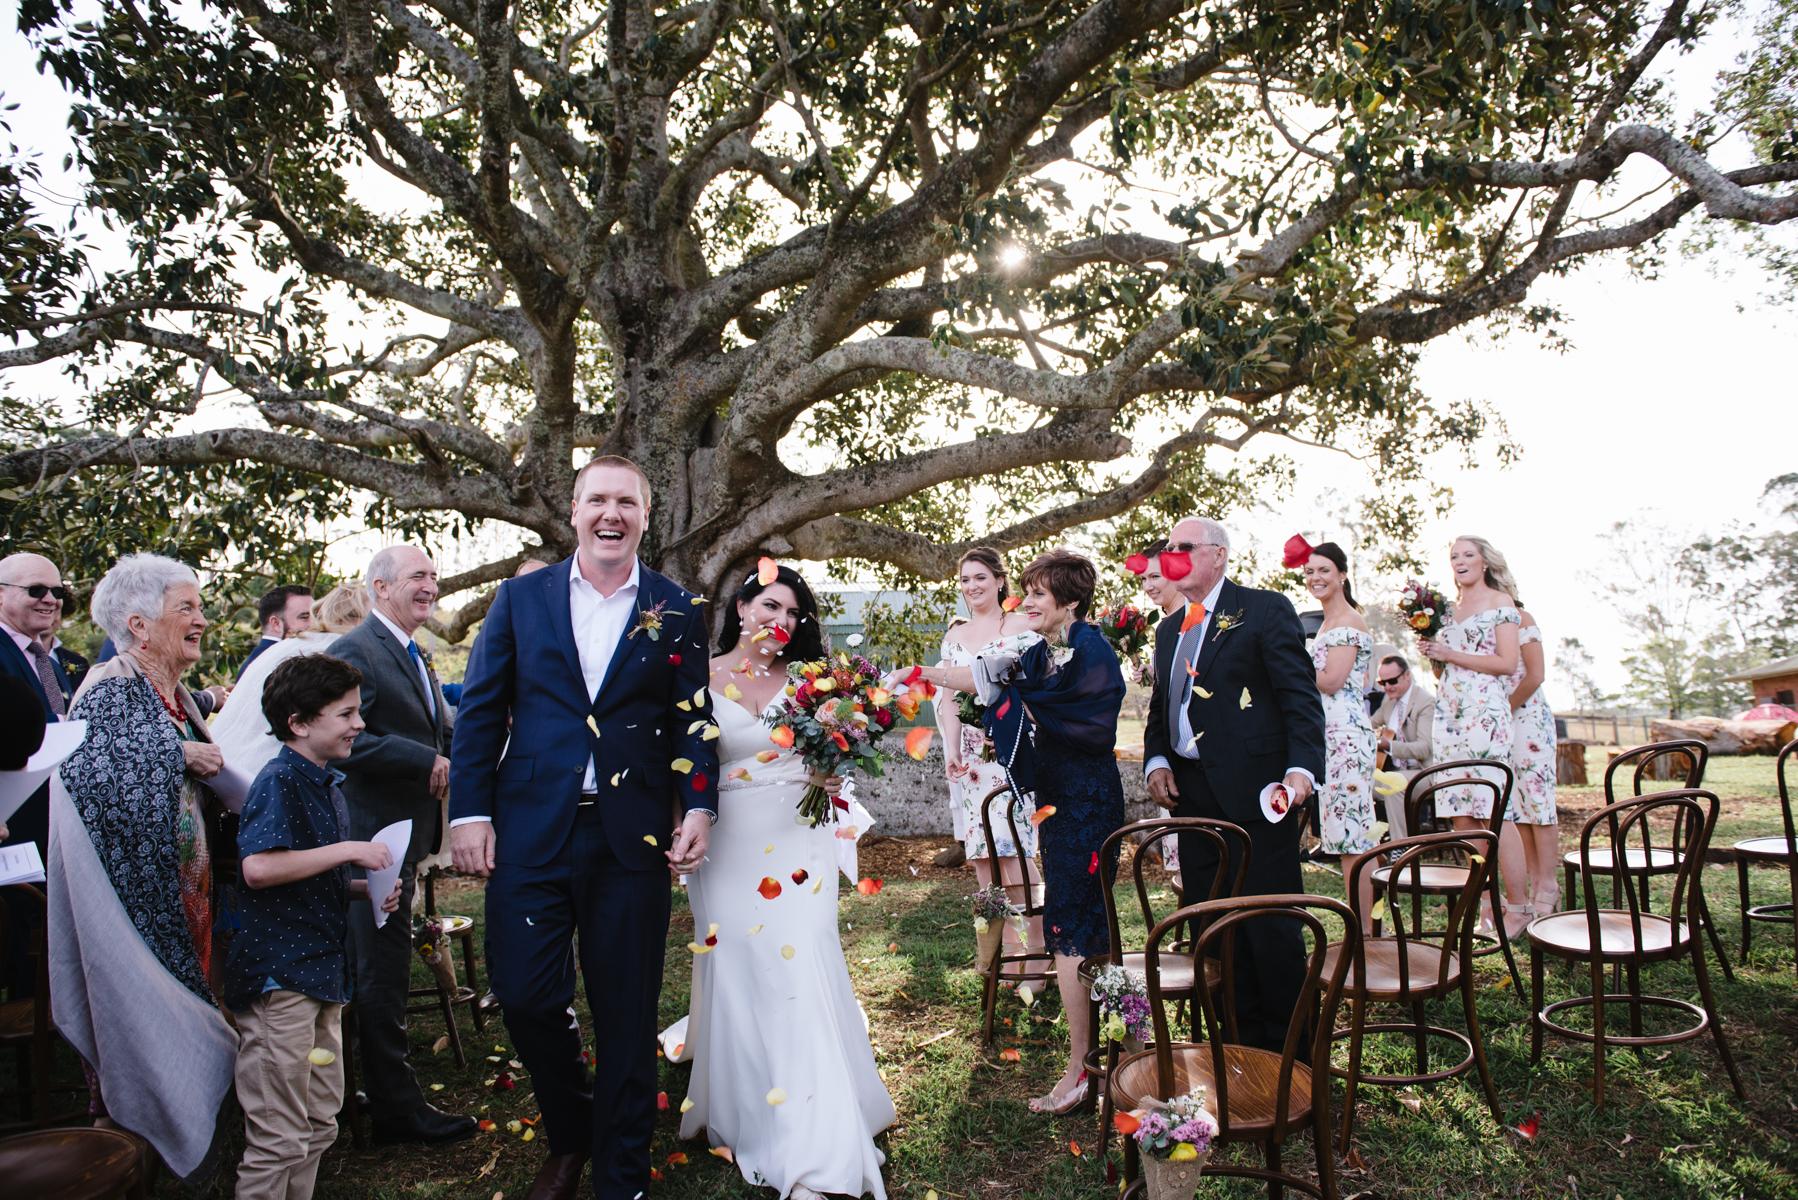 sarahandBenwedding- skyla sage photography weddings, families, byron bay,tweed coast,kingscliff,cabarita,gold coast-498.jpg